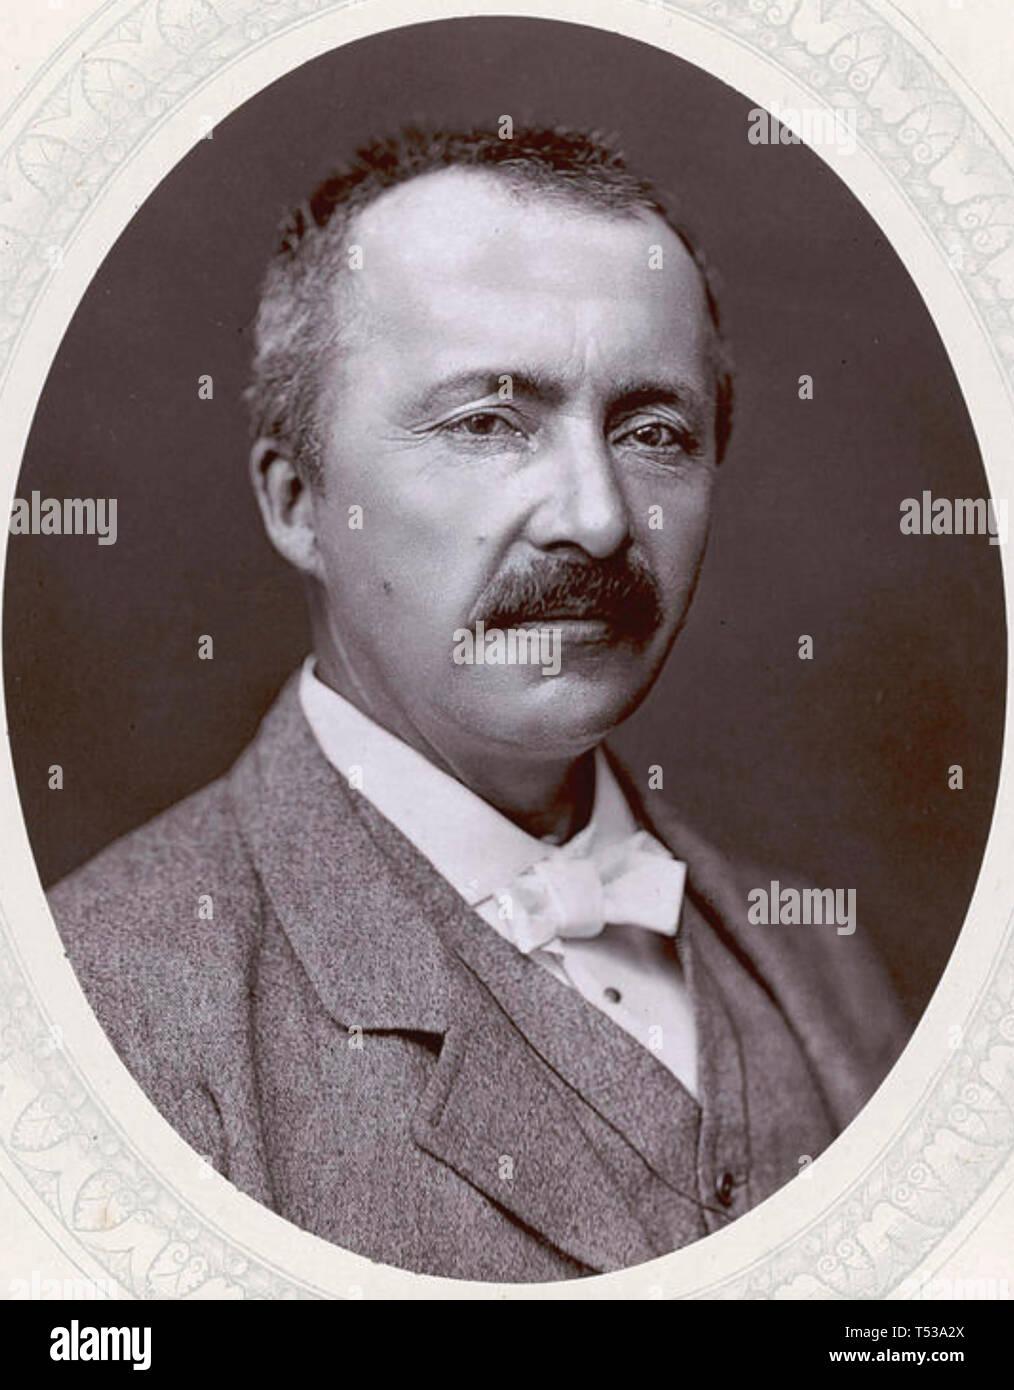 HEINRICH SCHLIEMANN (1822-1890) German archeologist - Stock Image